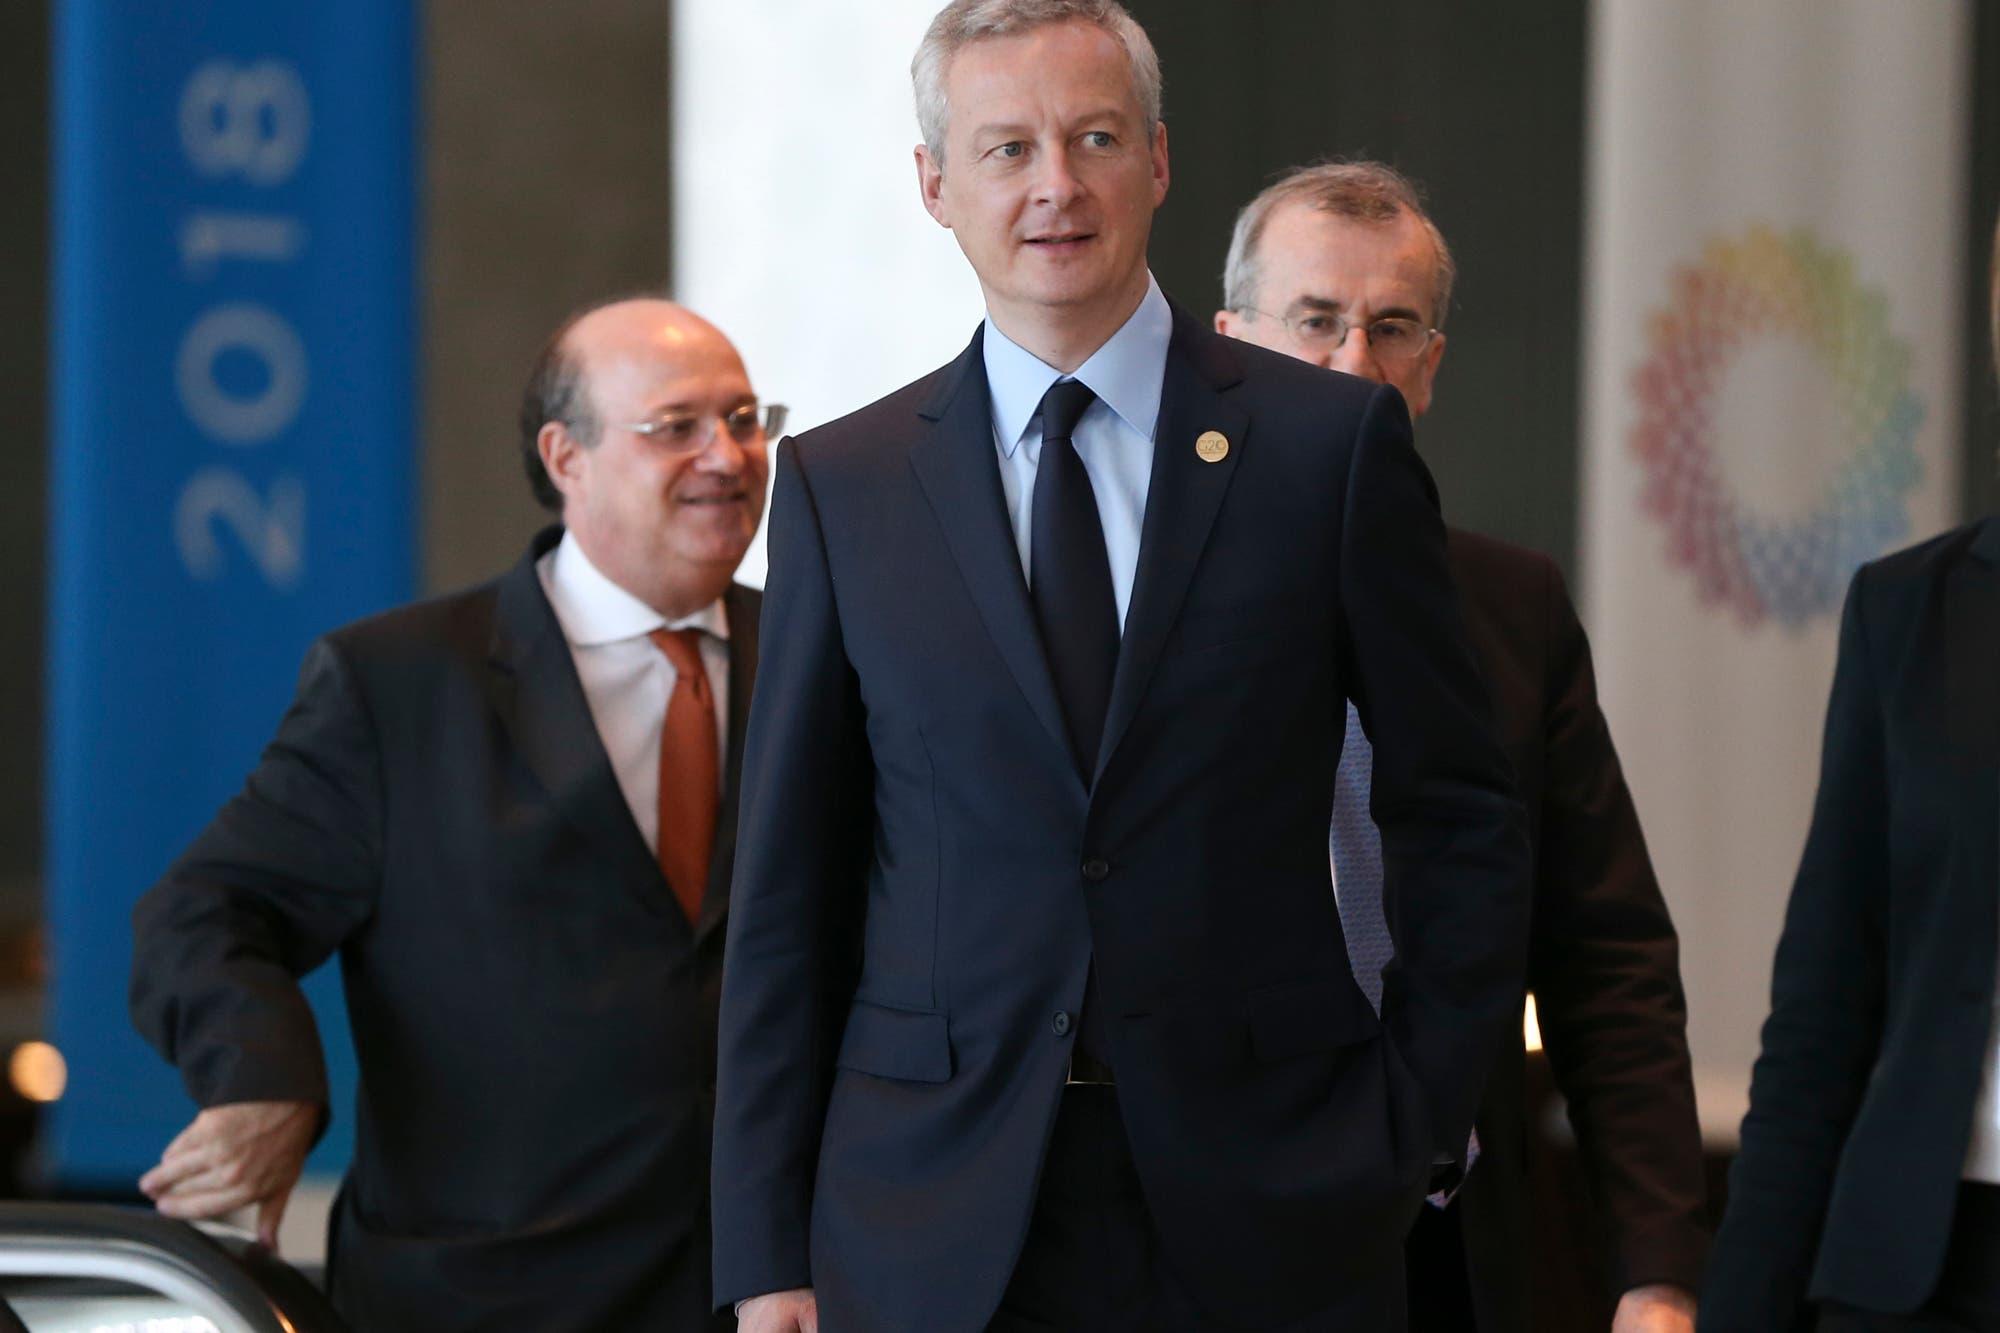 Cumbre del G-20: Francia se mostró a favor de un acuerdo de libre comercio entre la Unión Europea y el Mercosur